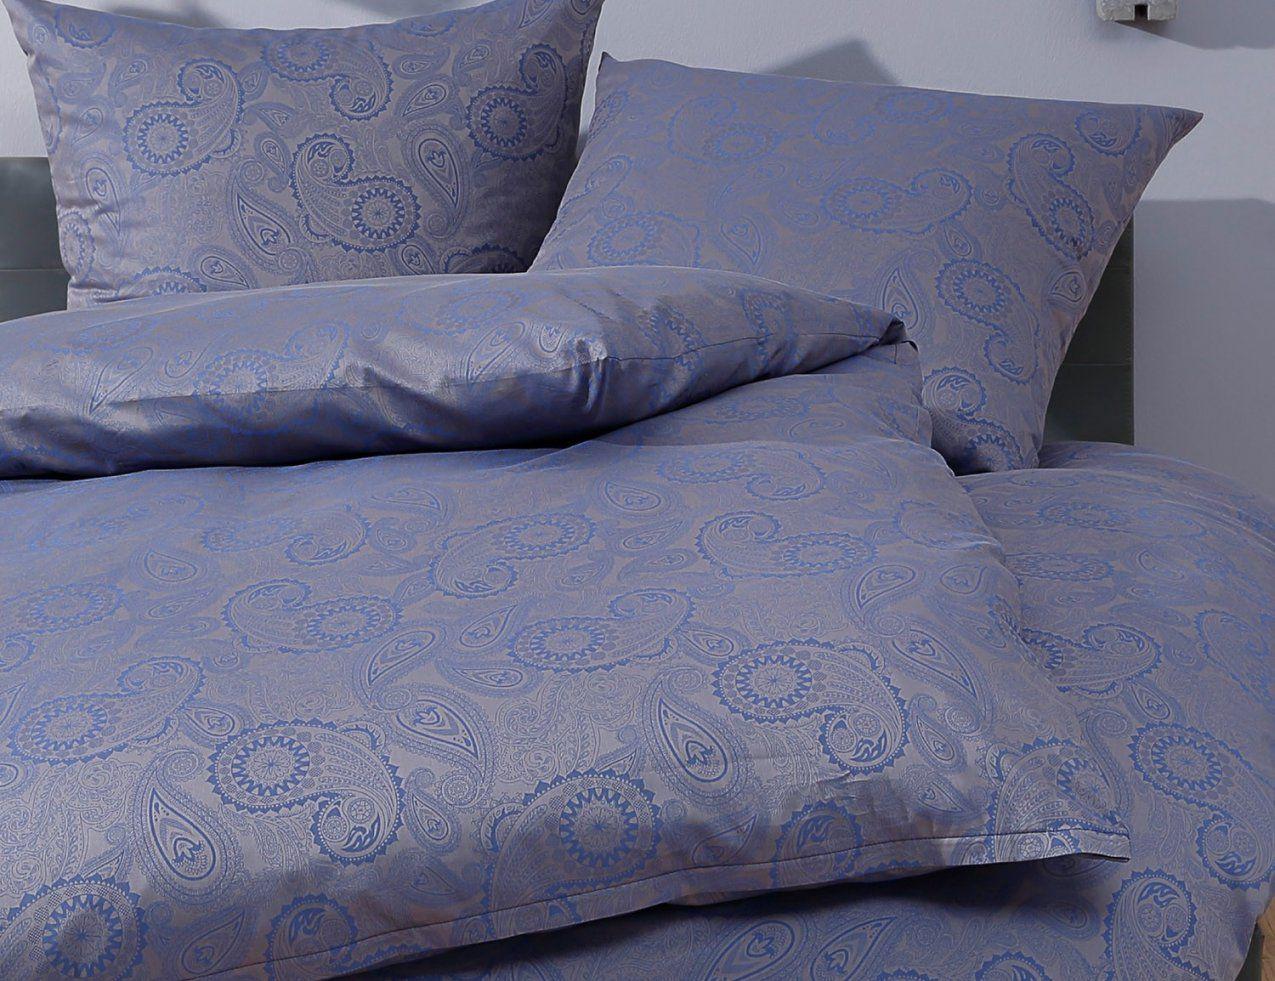 Bettwäsche 200x200 Blau Janine Chinchilla Edel Flanell Bettwäsche